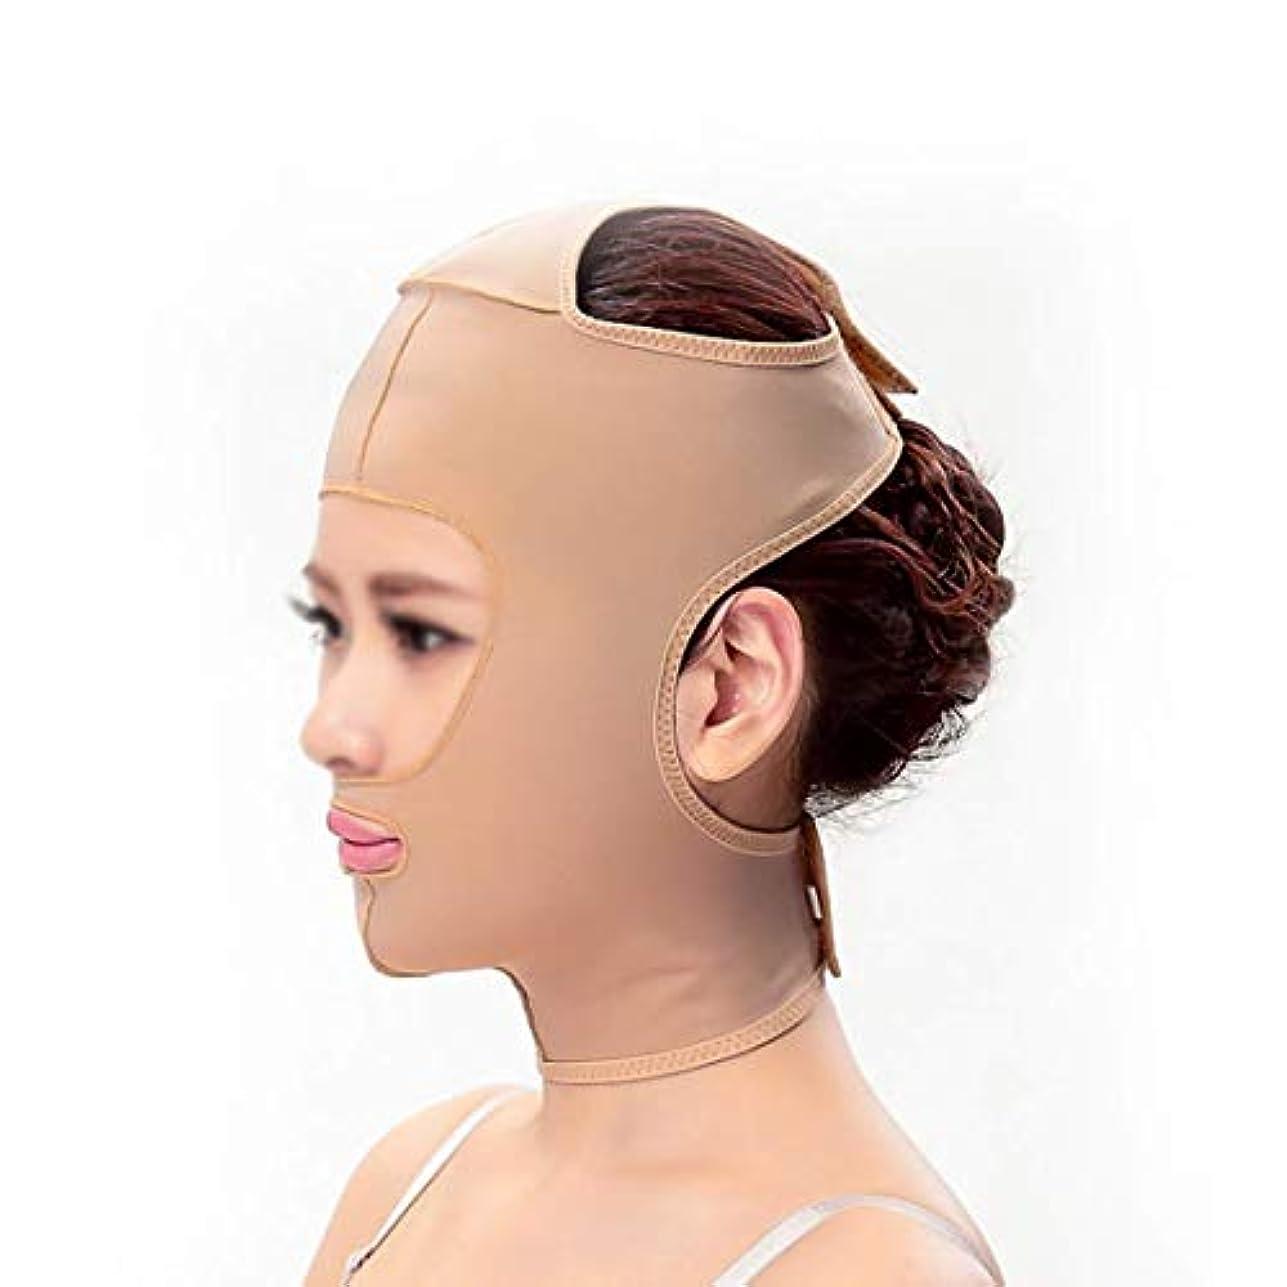 害虫びん目覚めるスリミングベルト、二重あごの引き締め顔面プラスチックフェイスアーティファクト強力なフェイスバンデージをサイズアップするために顔面マスクシンフェイスマスク,Xl